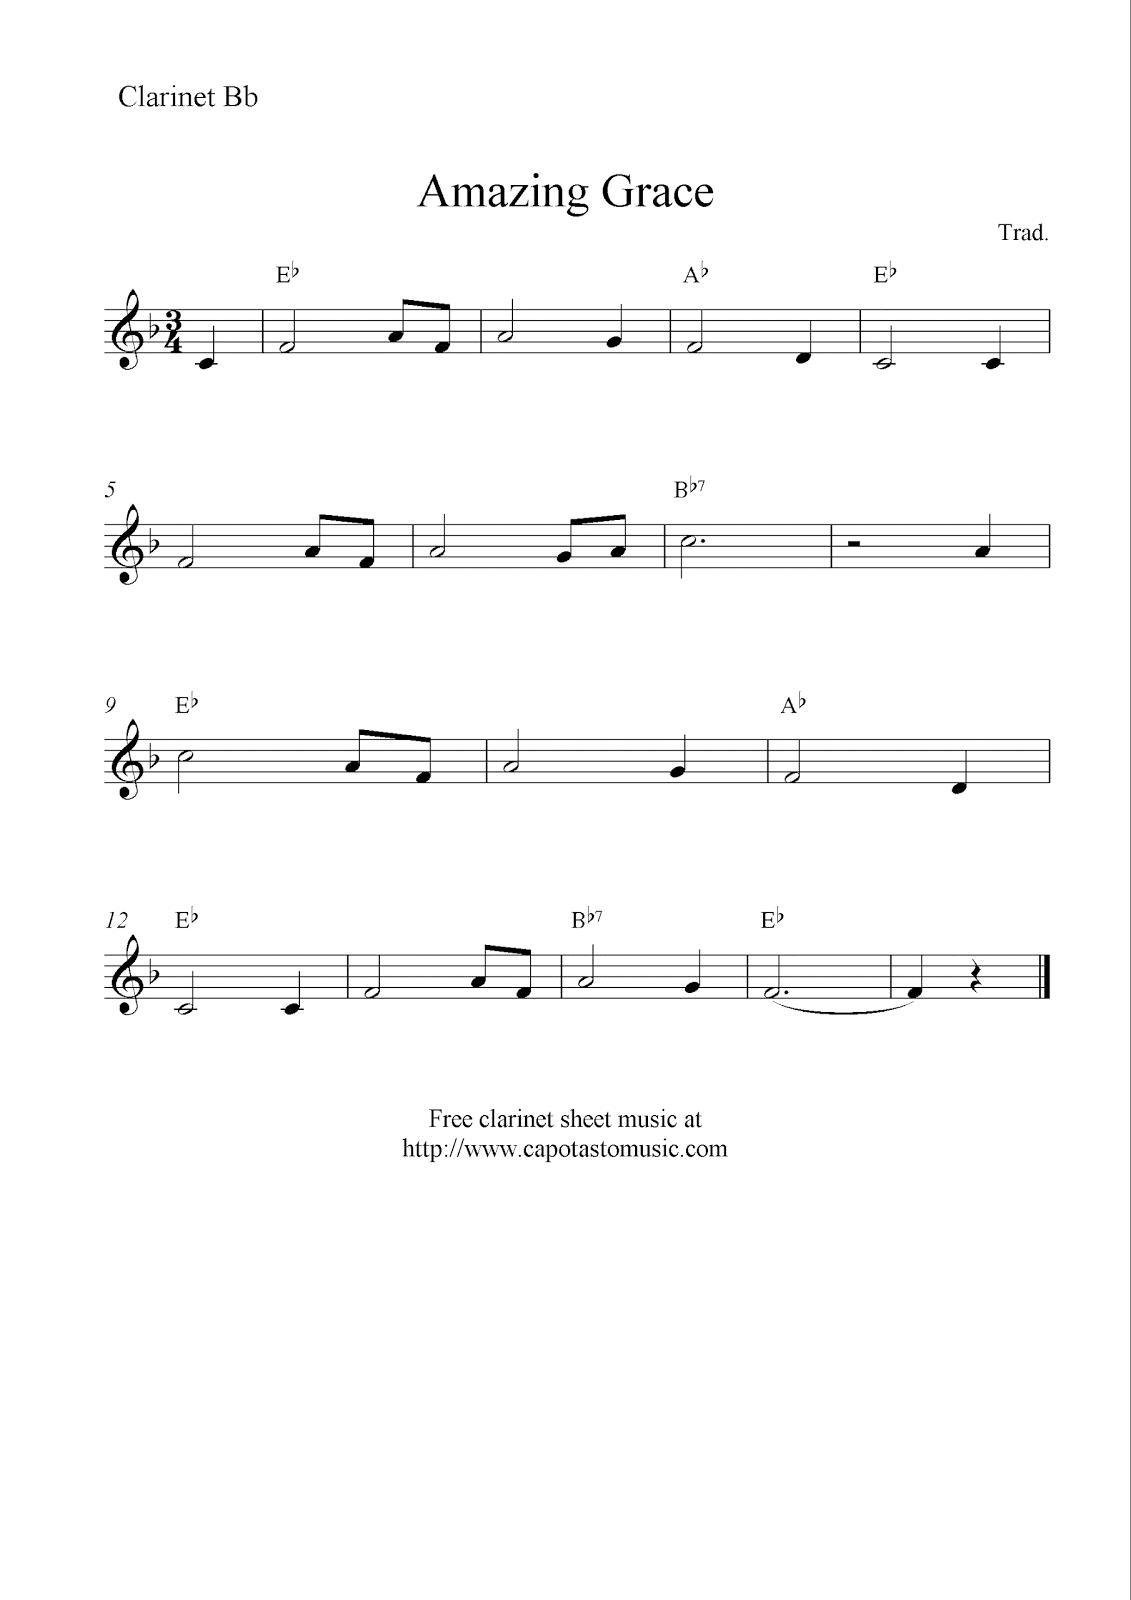 Amazing grace free clarinet sheet music notes